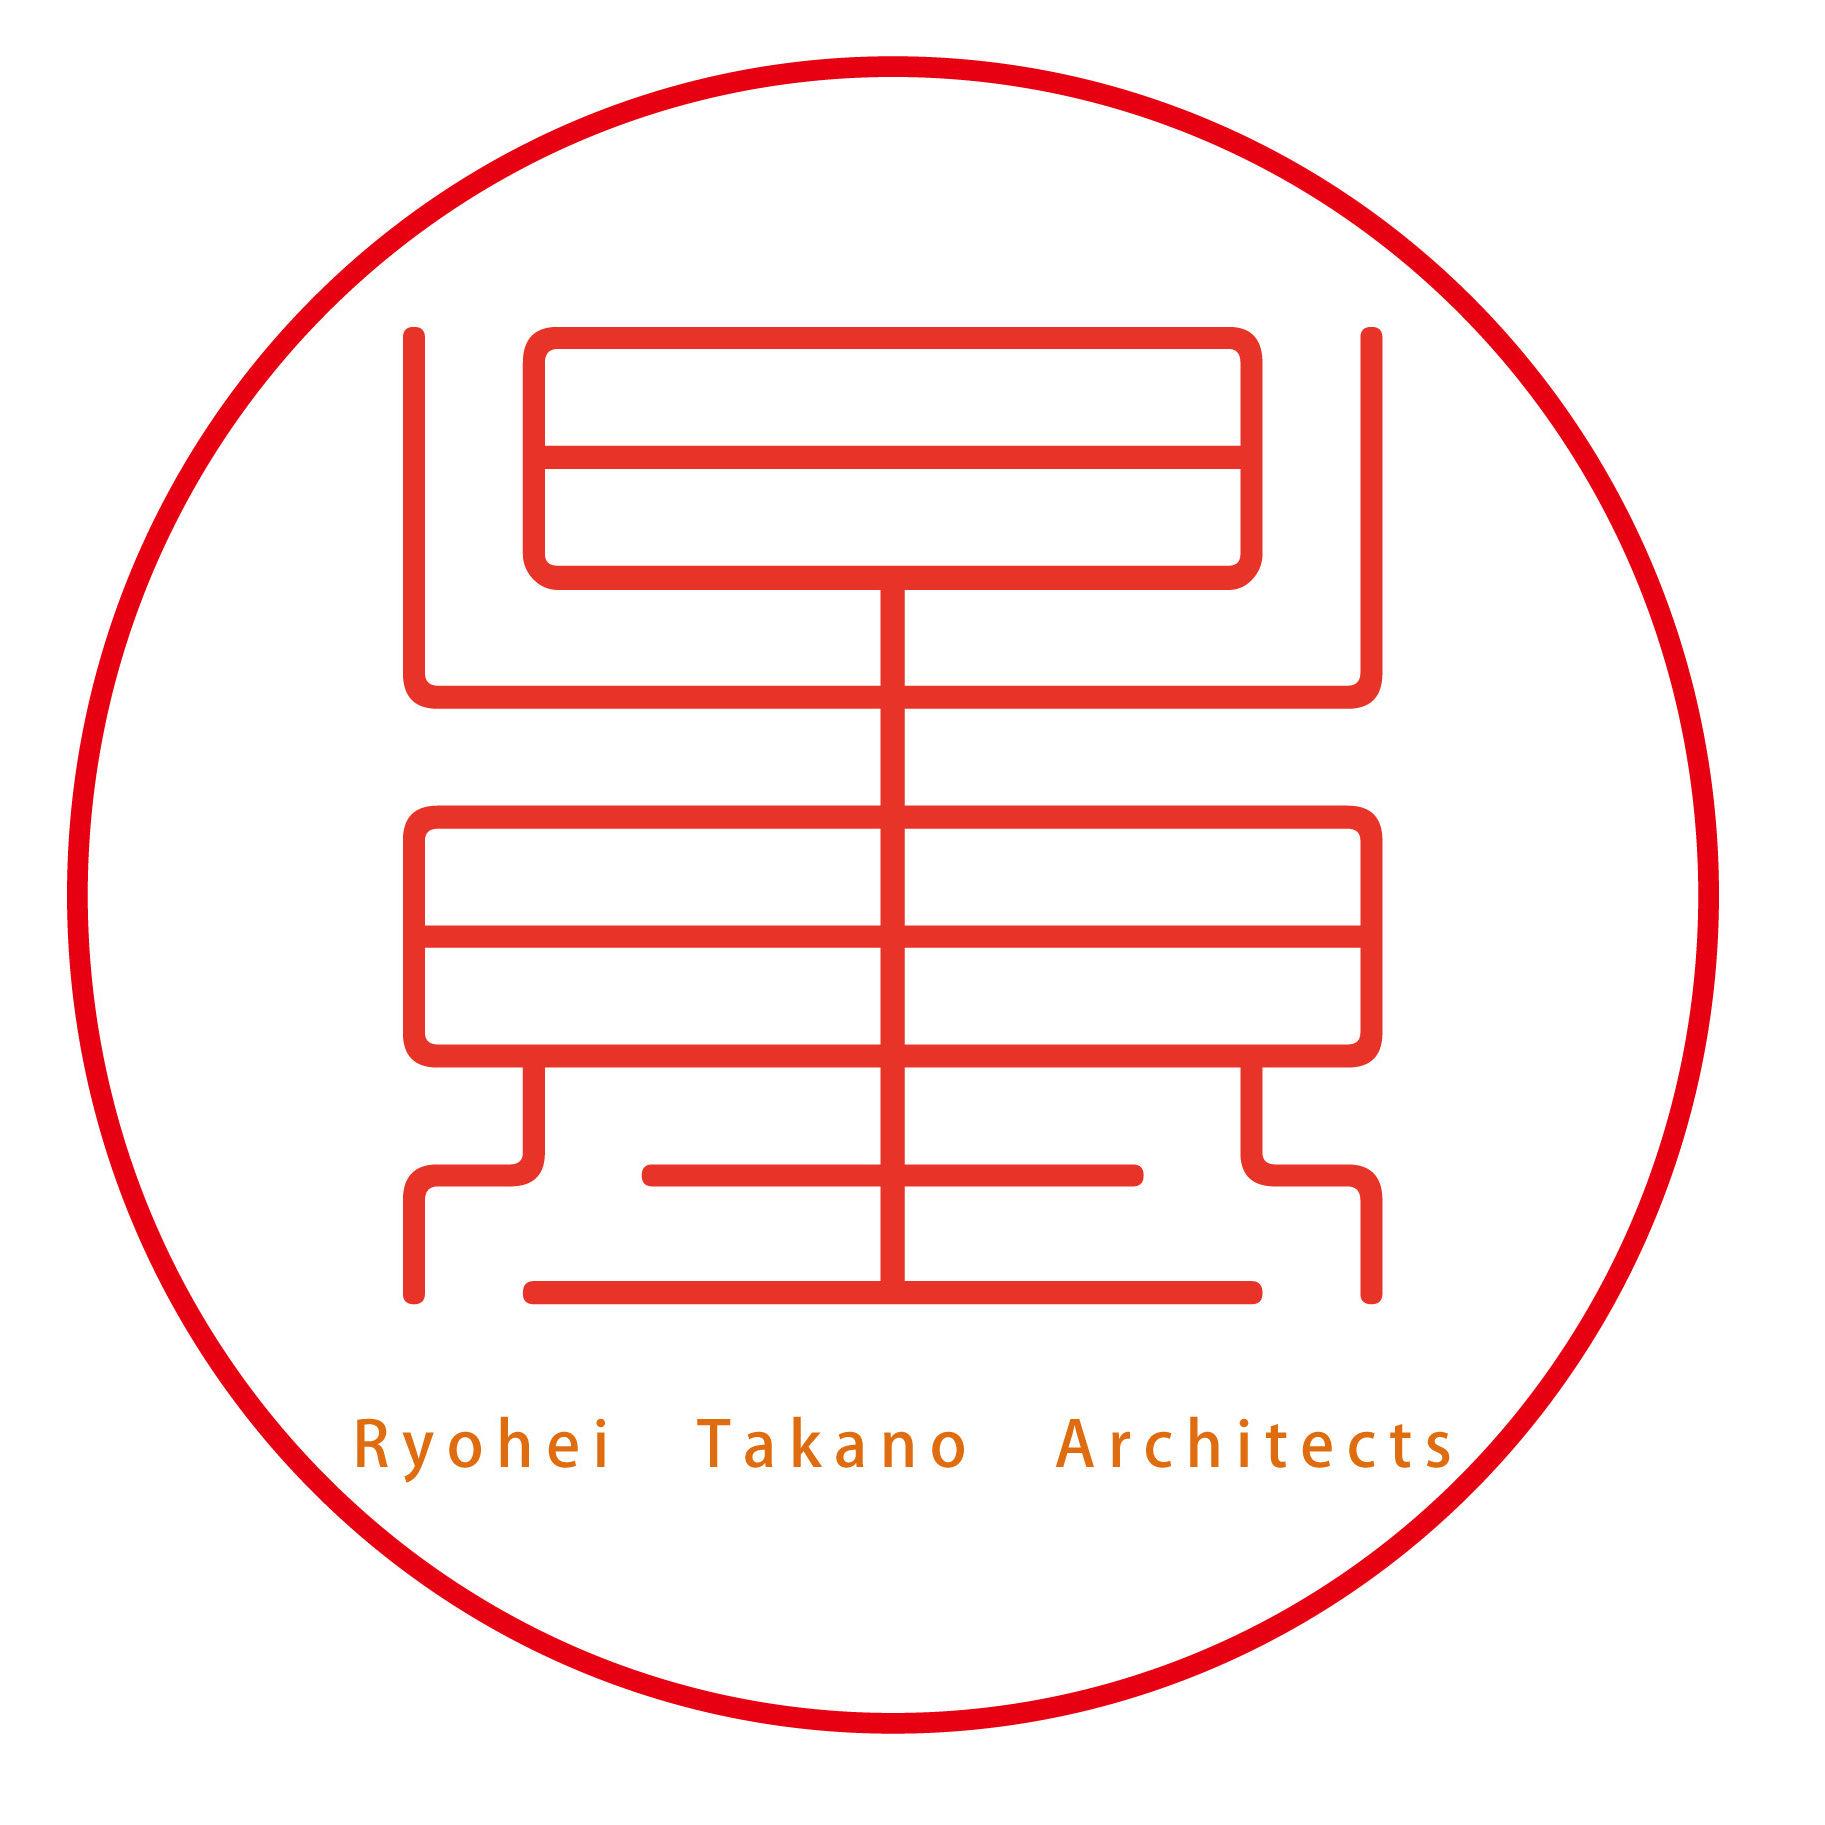 高野量平アーキテクツ一級建築設計事務所  Ryohei Takano Architects